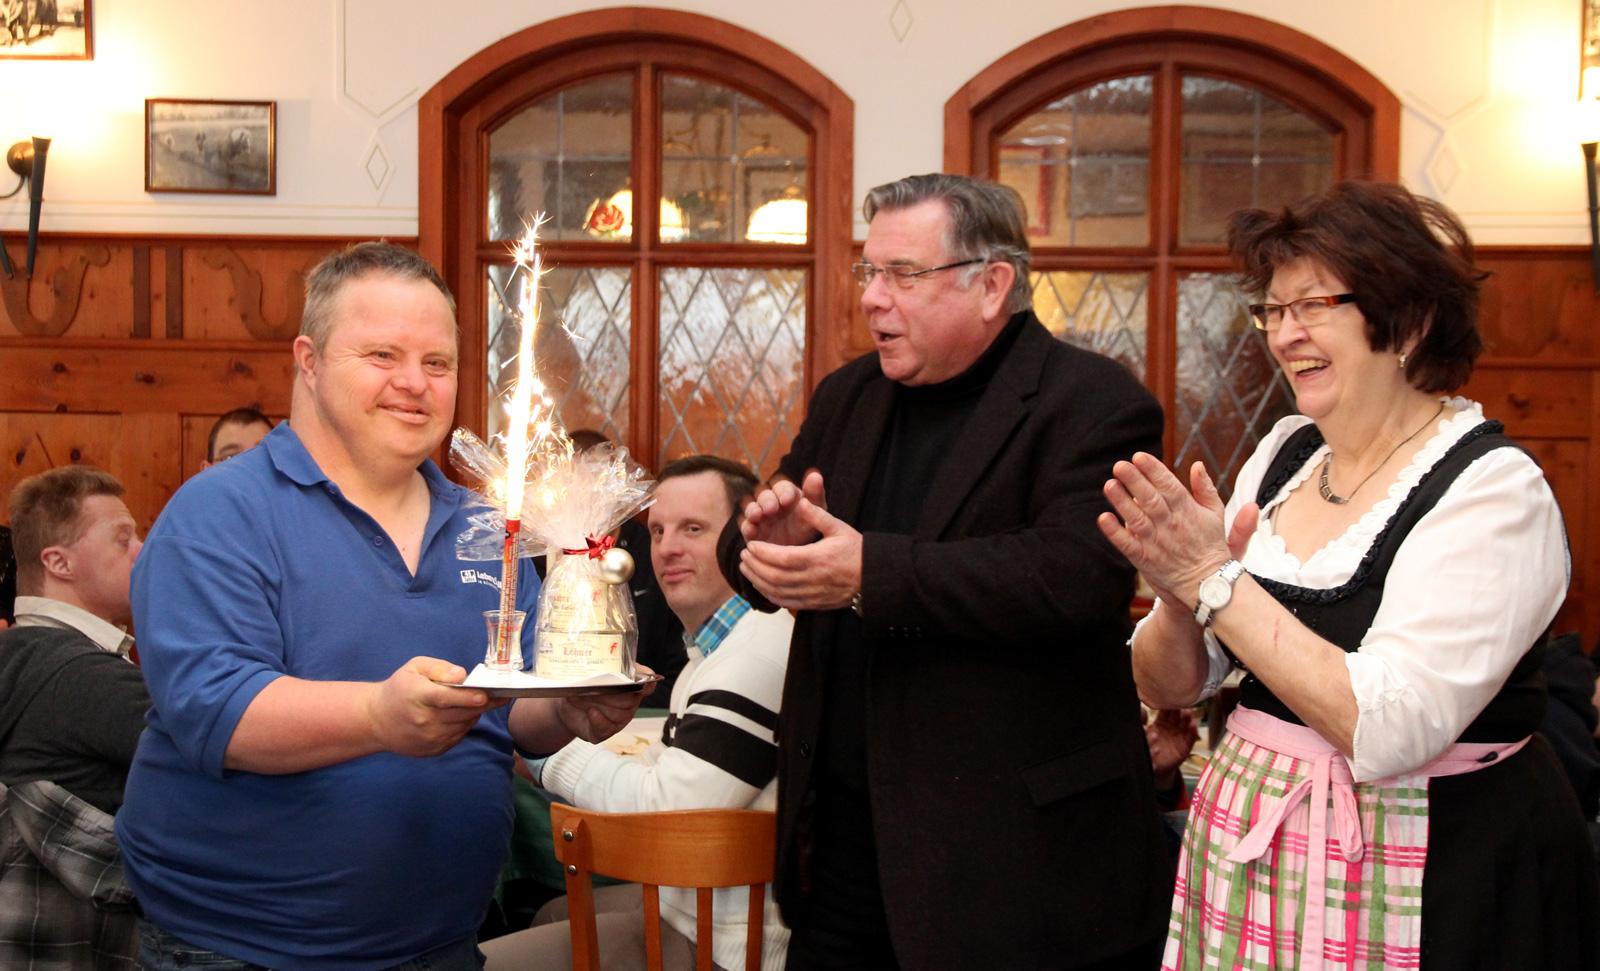 Betreutenvertreter Roland Hofmann feierte am 12.12. seinen 47. Geburtstag und wurde von Gastwirtin Gerda Löhner und Gerhard John überrascht und beglückwünscht.